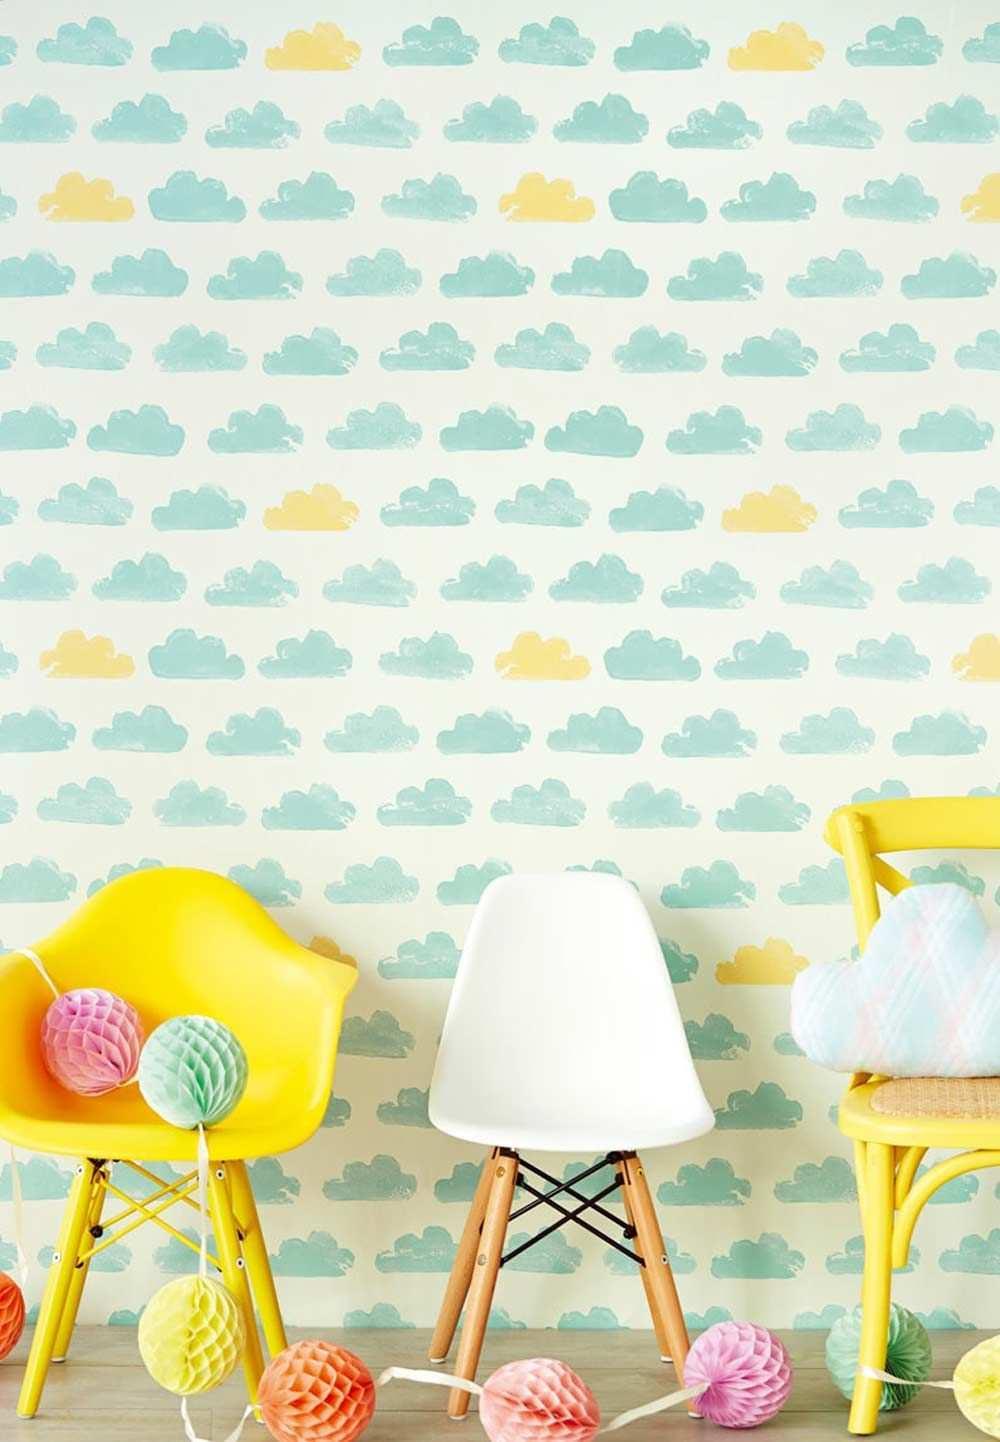 Wunderbare Tapeten Fur Kinderzimmer Babyzimmer Kinderzimmer Dekor Kinder Tapete Kinder Zimmer